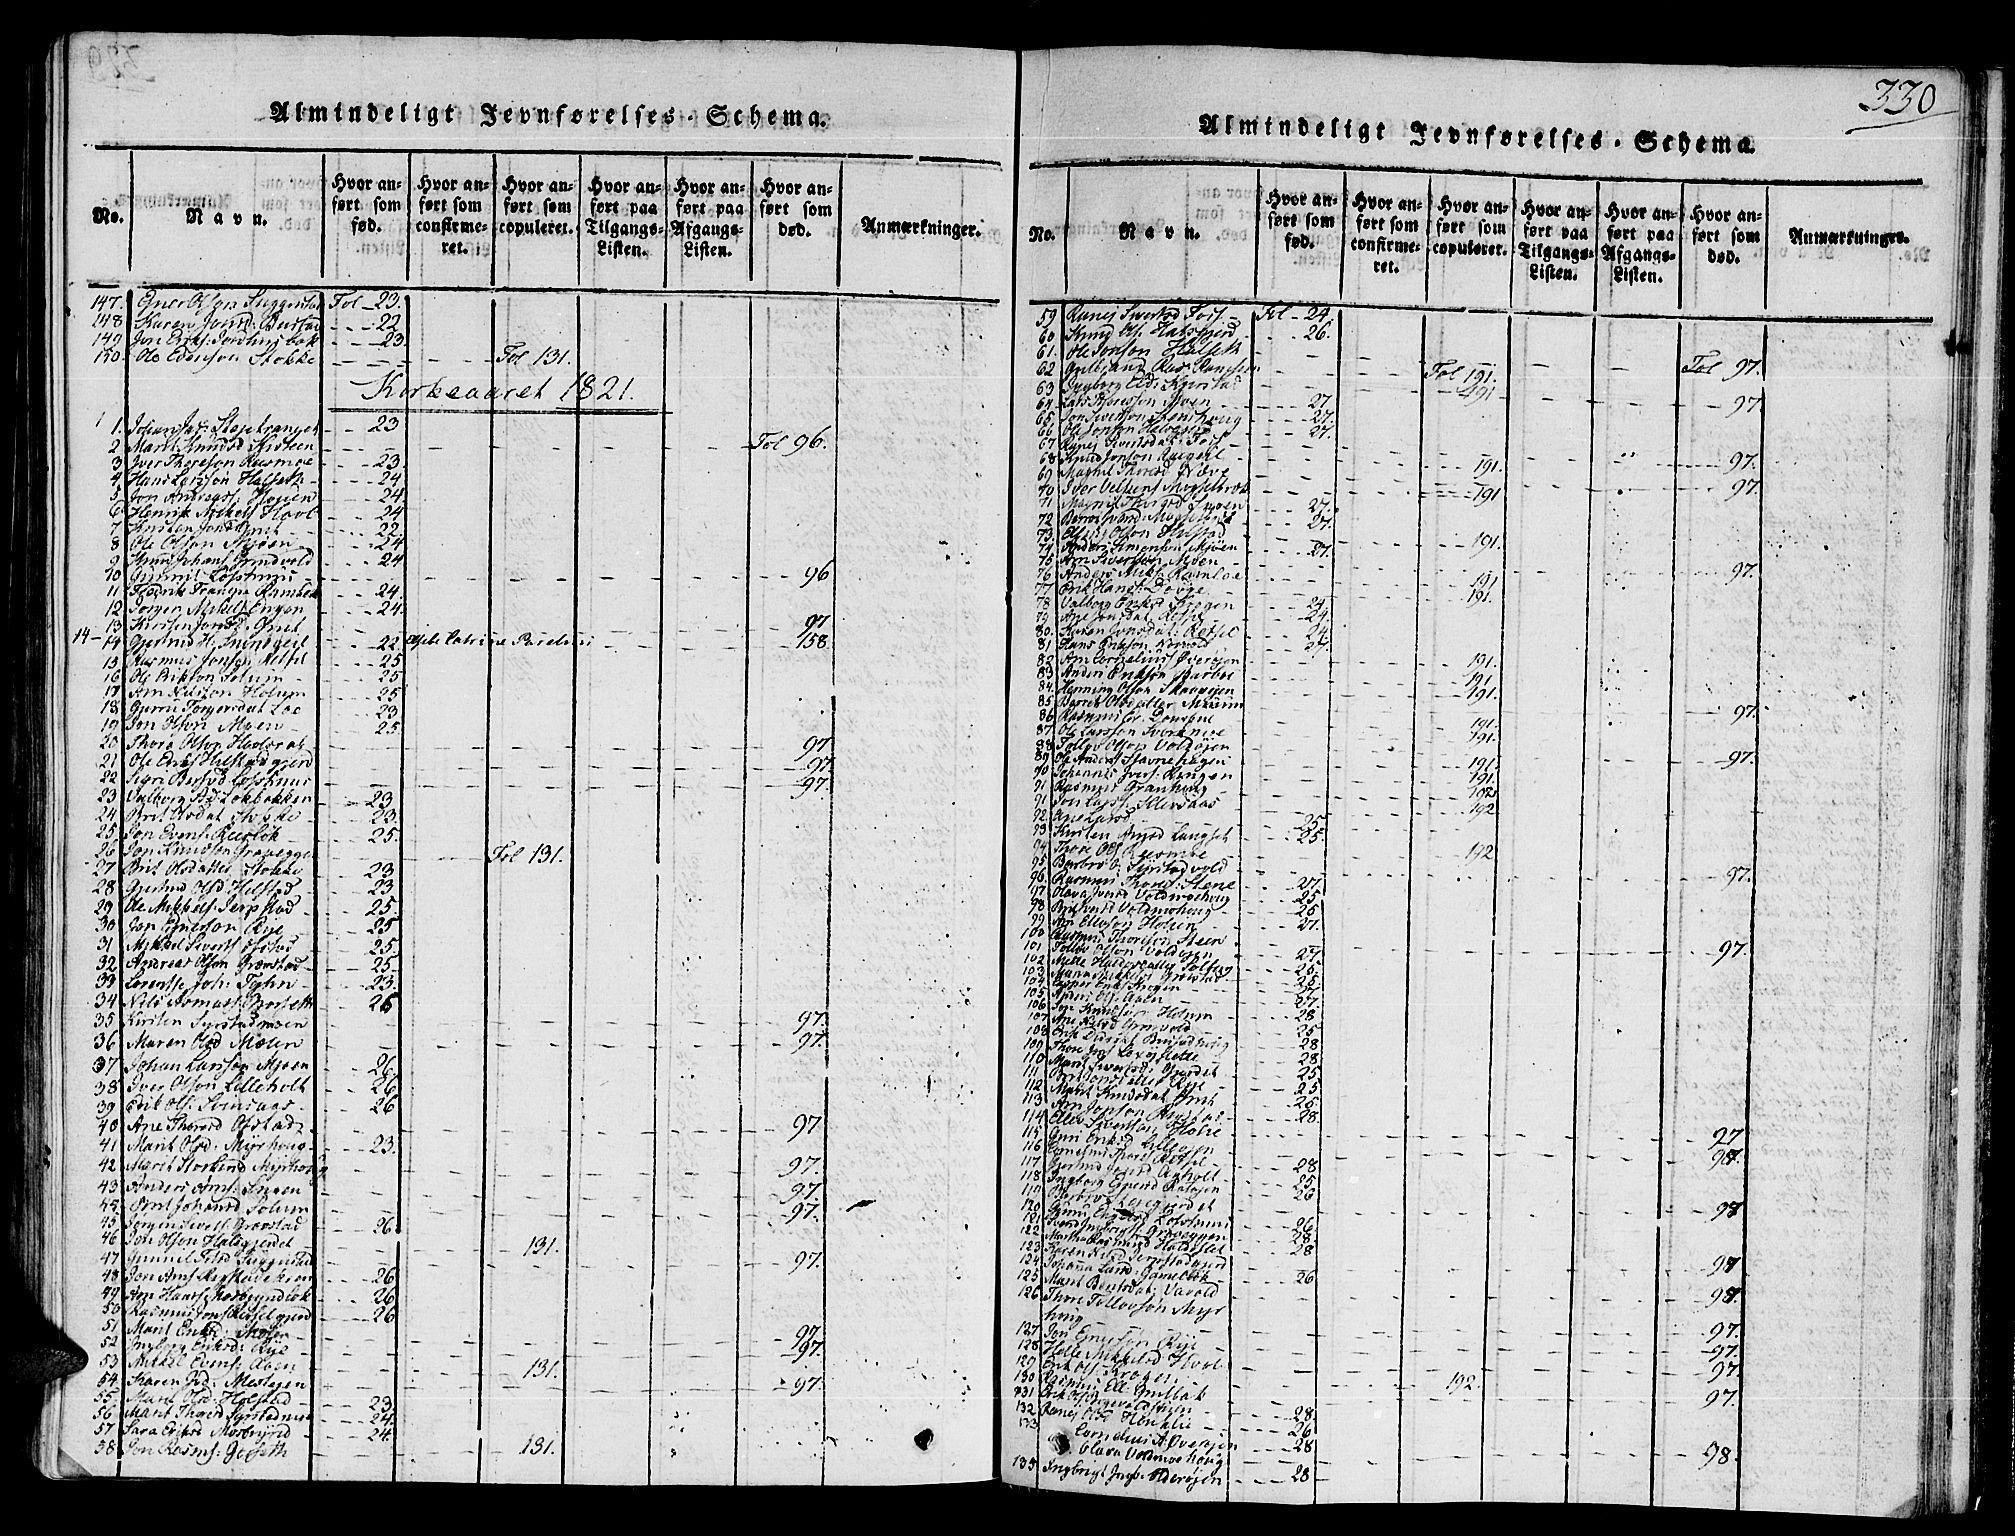 SAT, Ministerialprotokoller, klokkerbøker og fødselsregistre - Sør-Trøndelag, 672/L0853: Ministerialbok nr. 672A06 /1, 1816-1829, s. 330